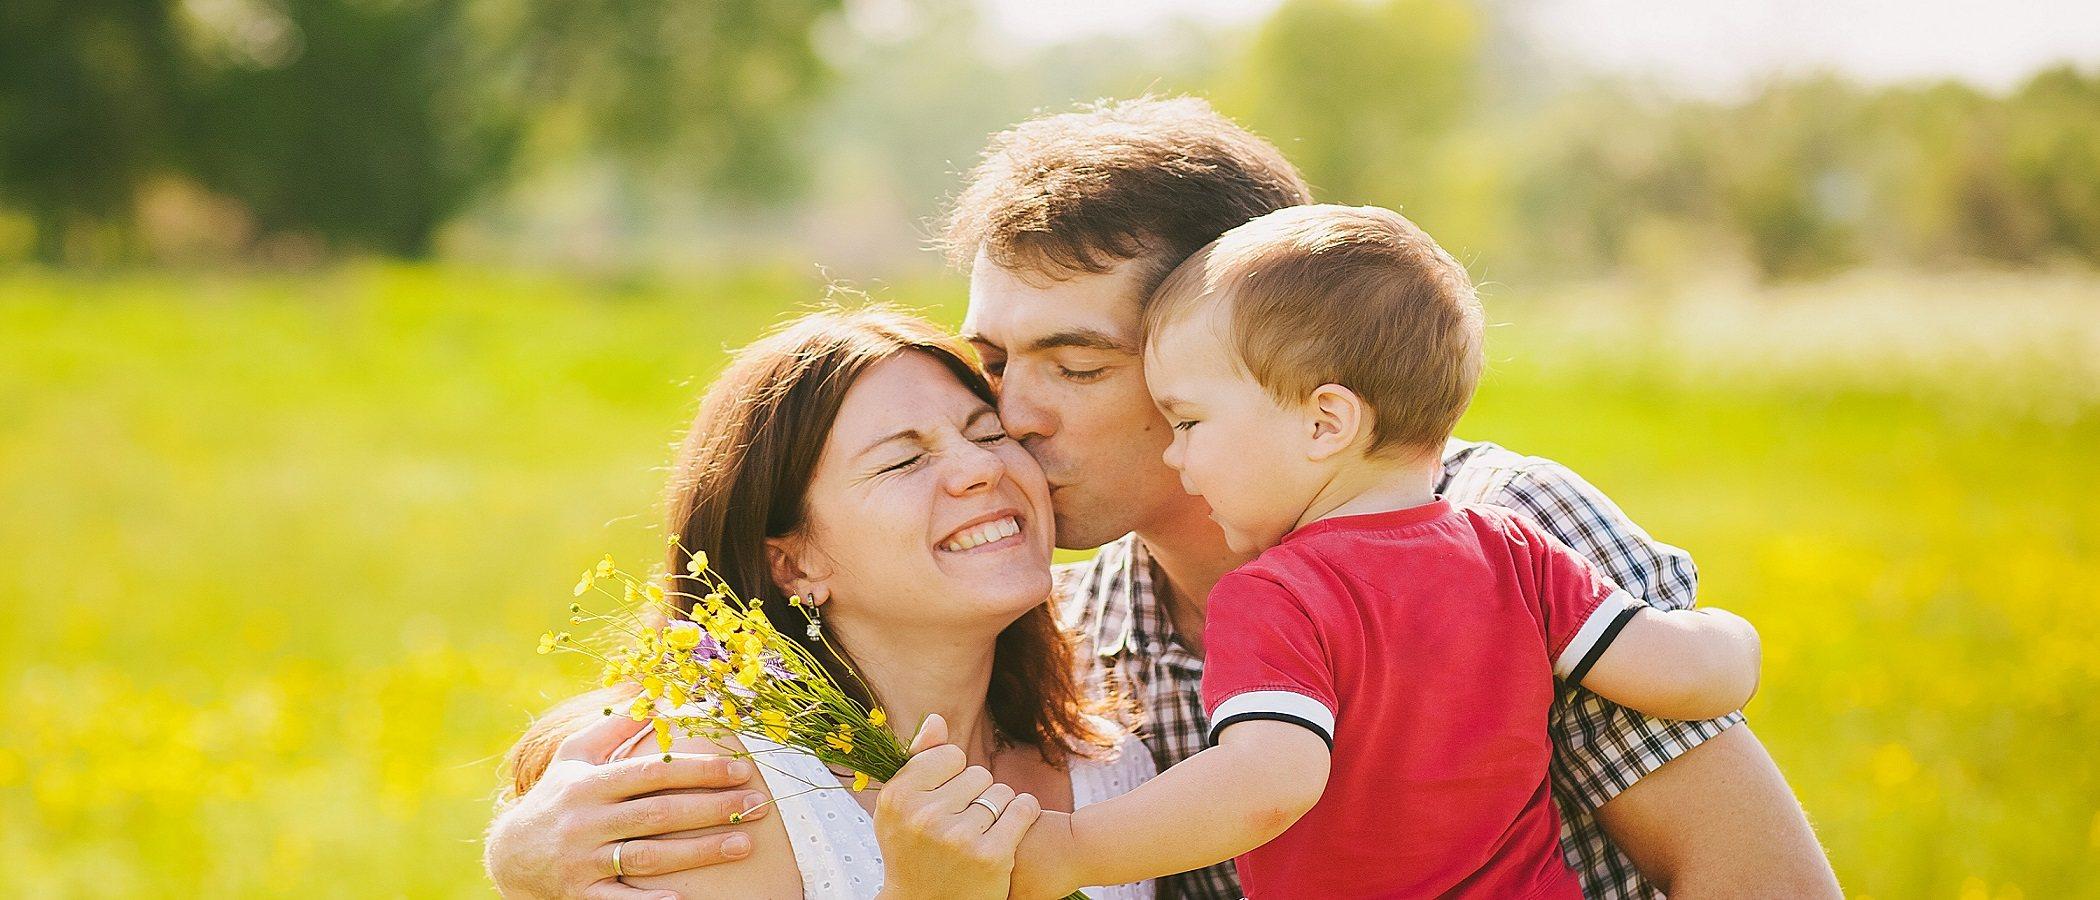 Cuál es el efecto de los padres en el comportamiento infantil